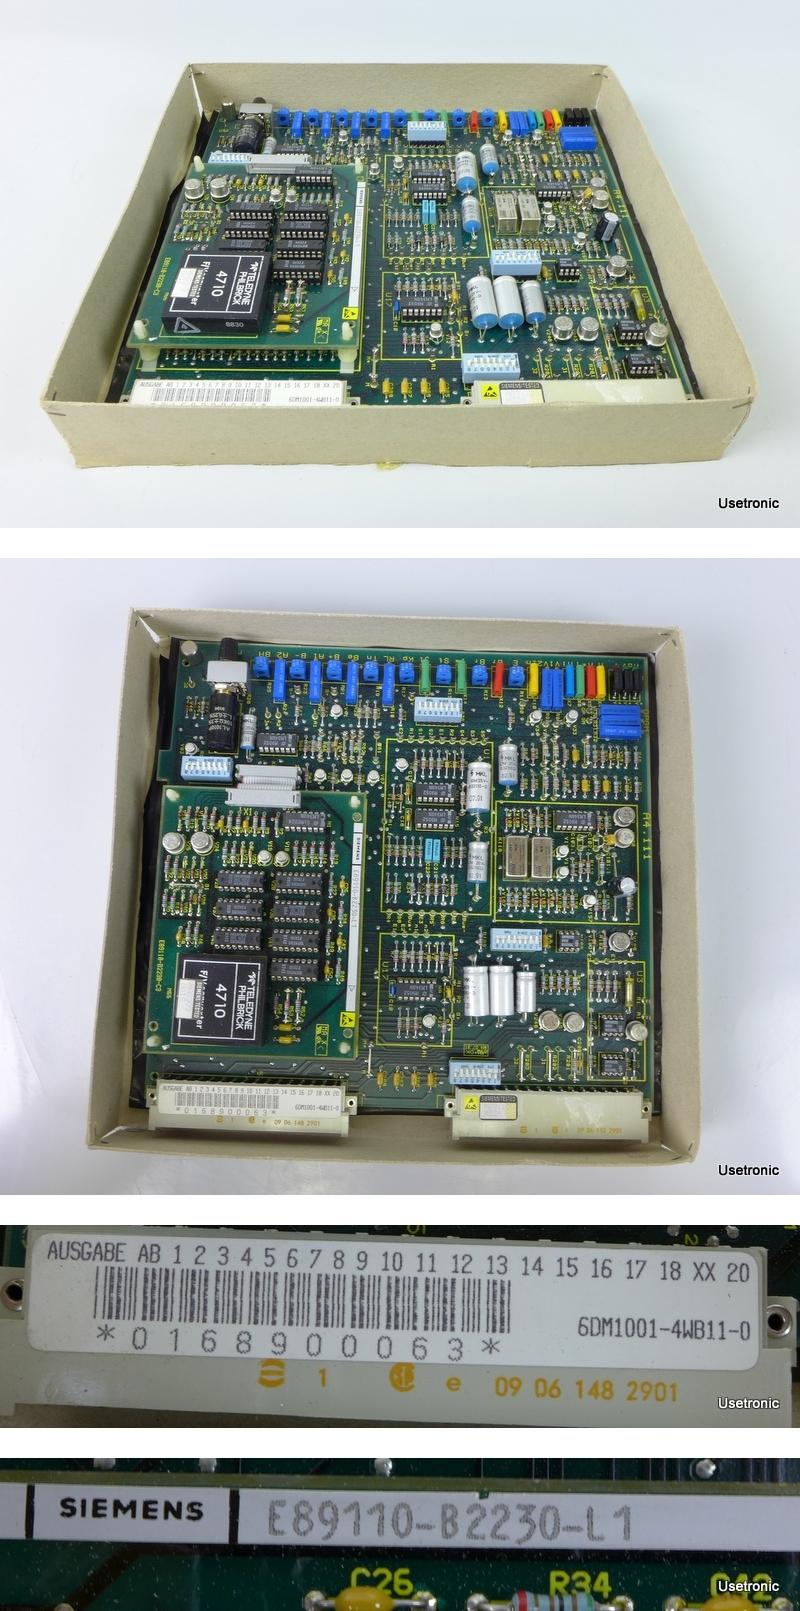 Siemens 6DM1001-4WB11-0